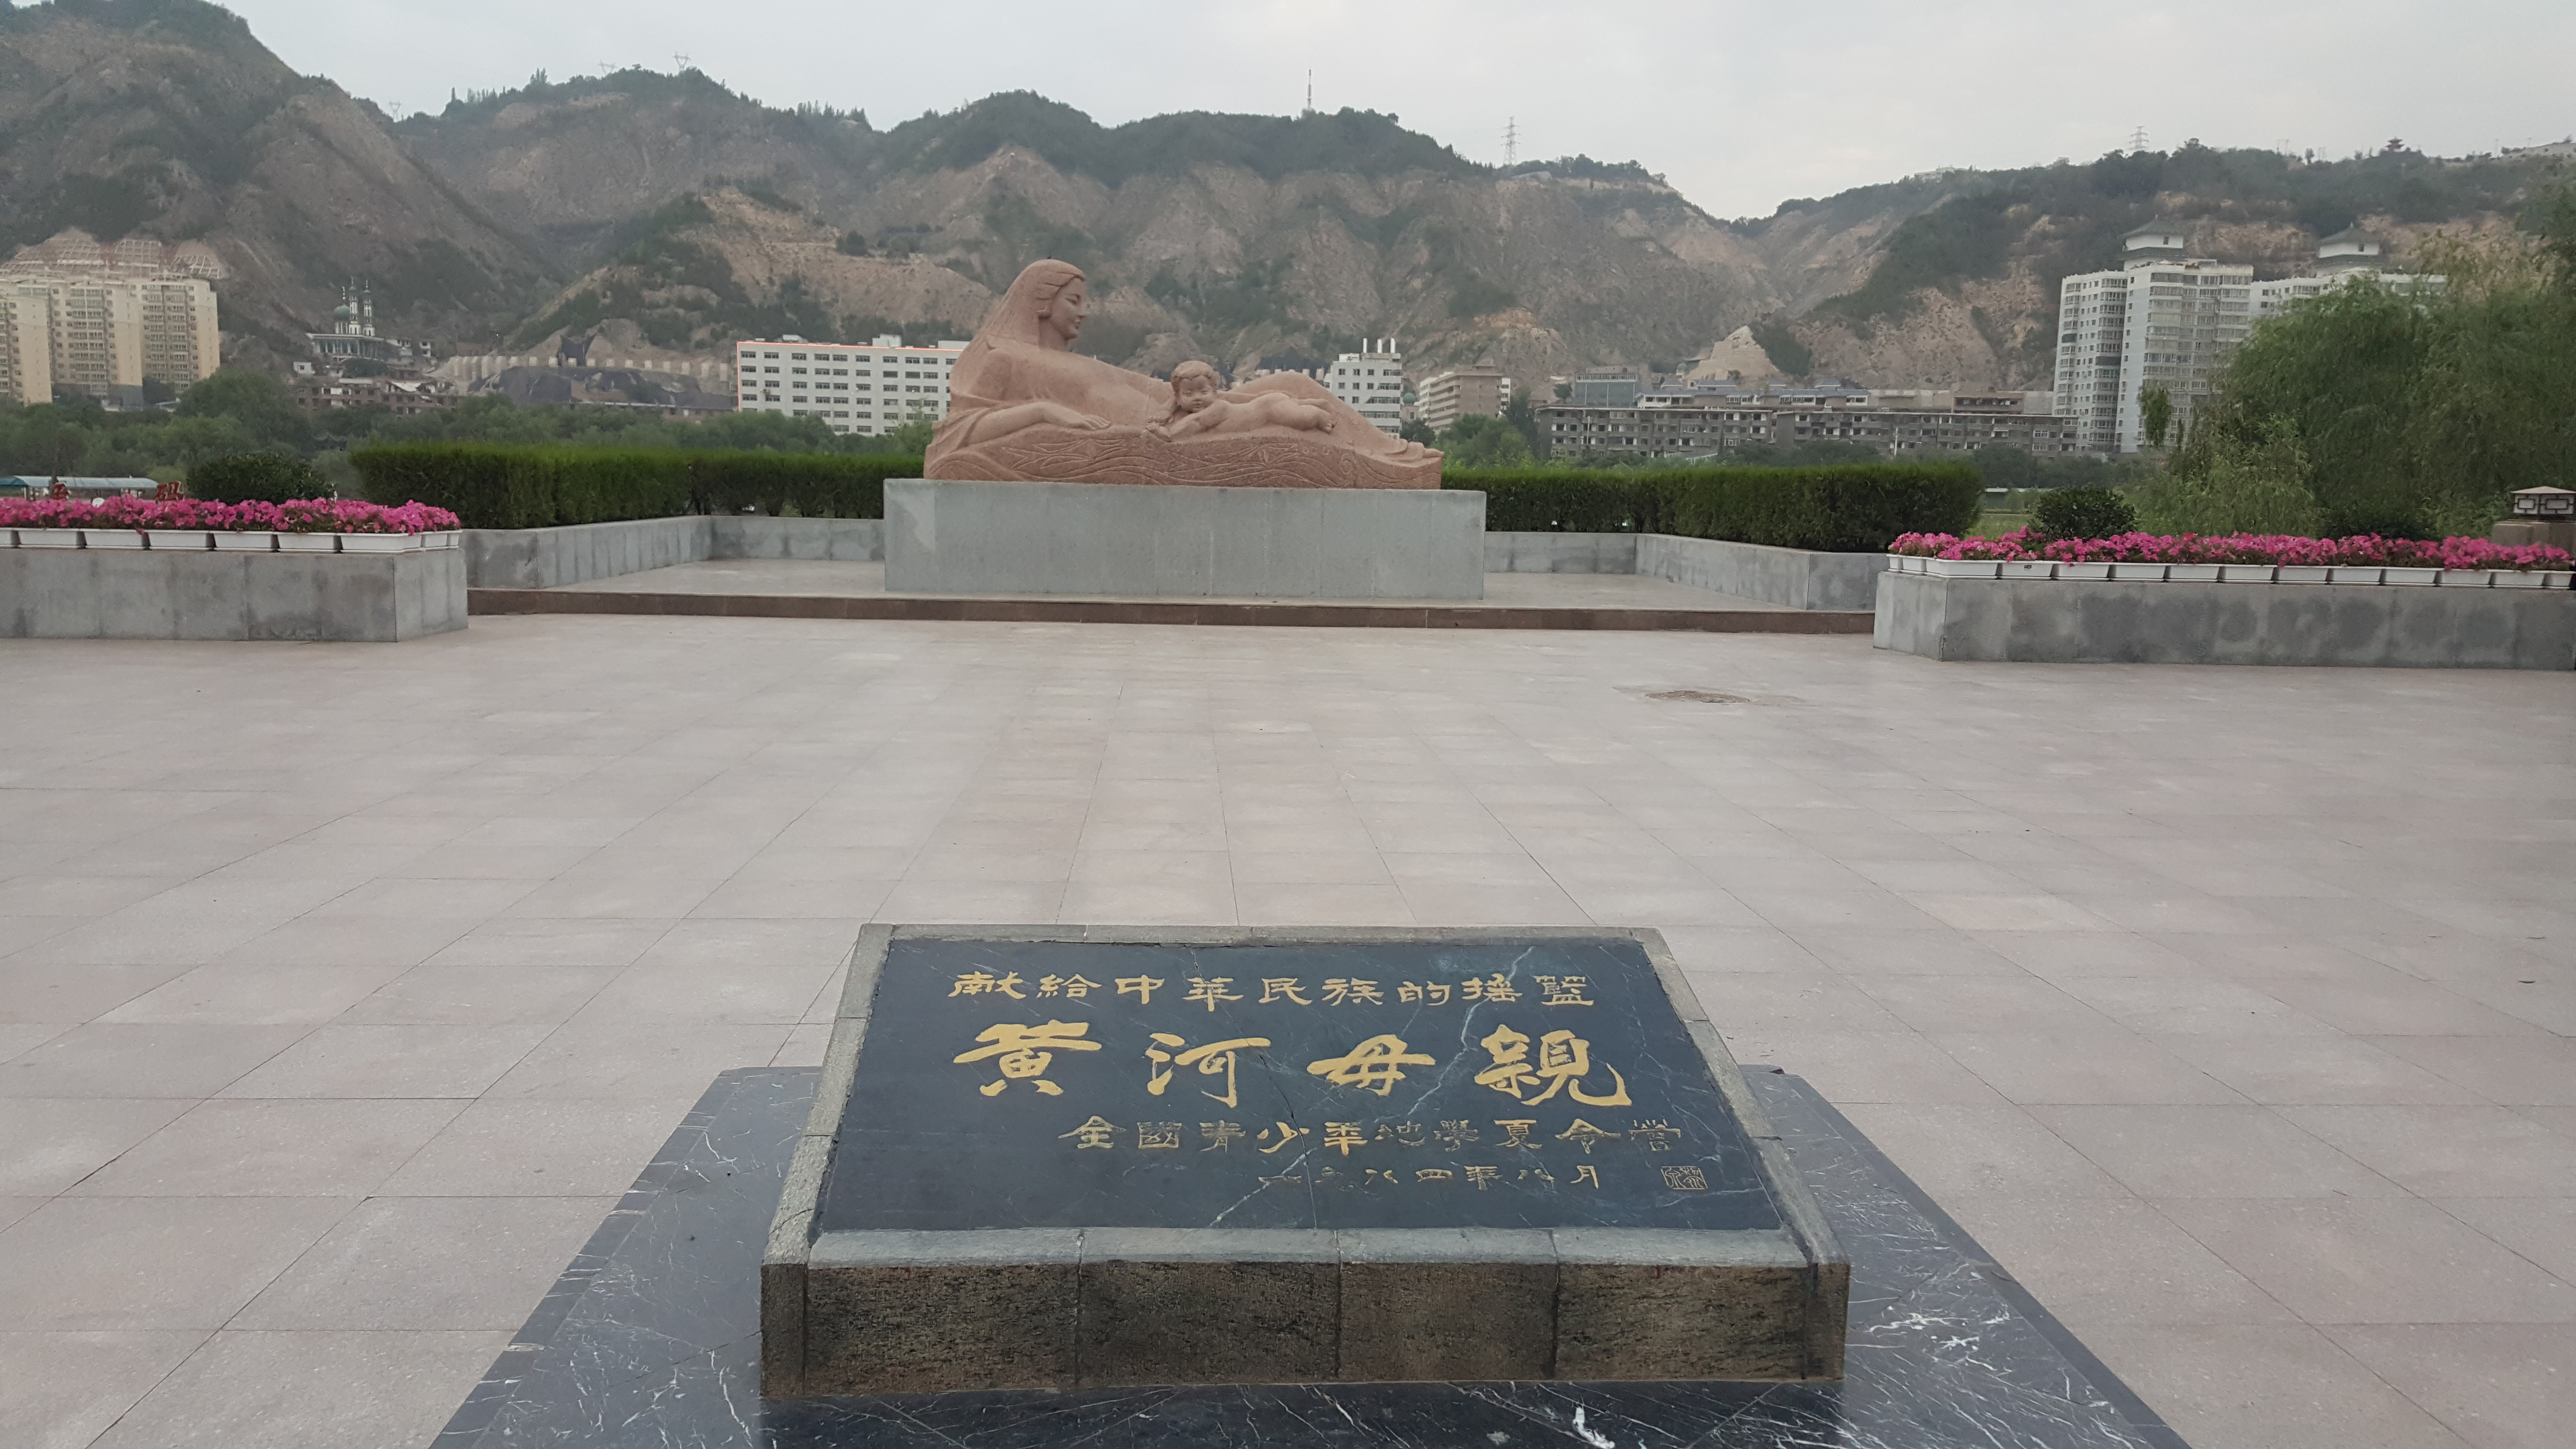 【携程攻略】兰州黄河母亲雕塑景点,兰州培训已经结束